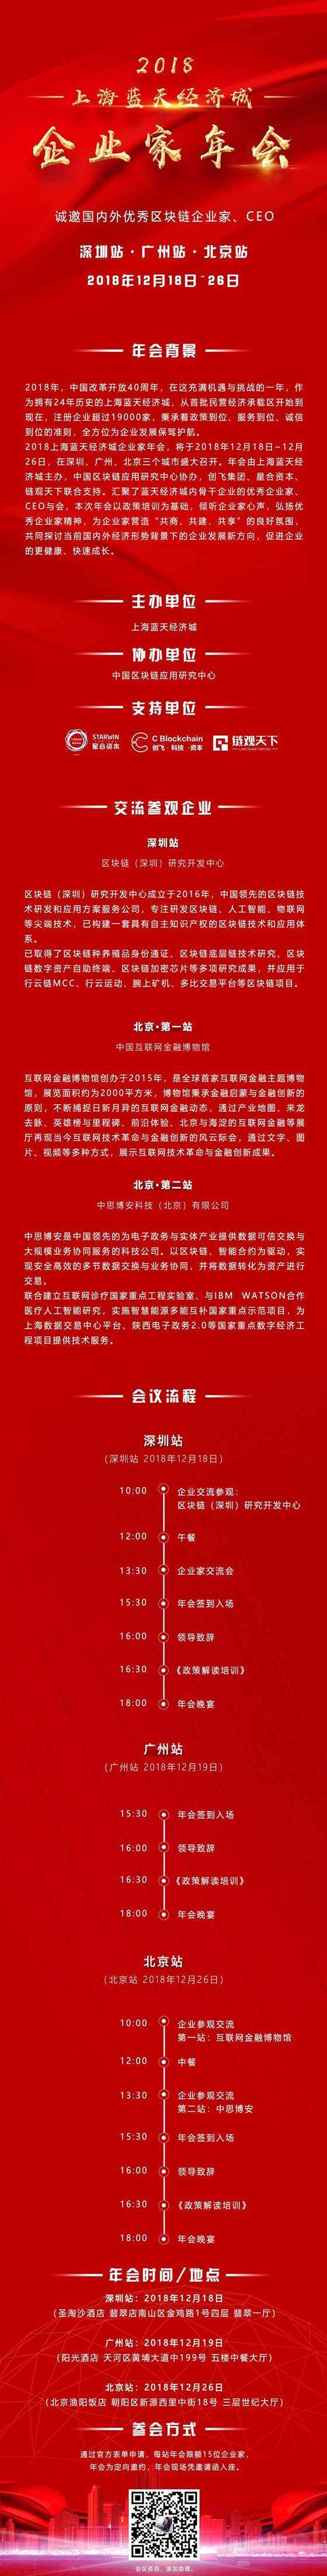 红色年会宣传长图海报.jpg